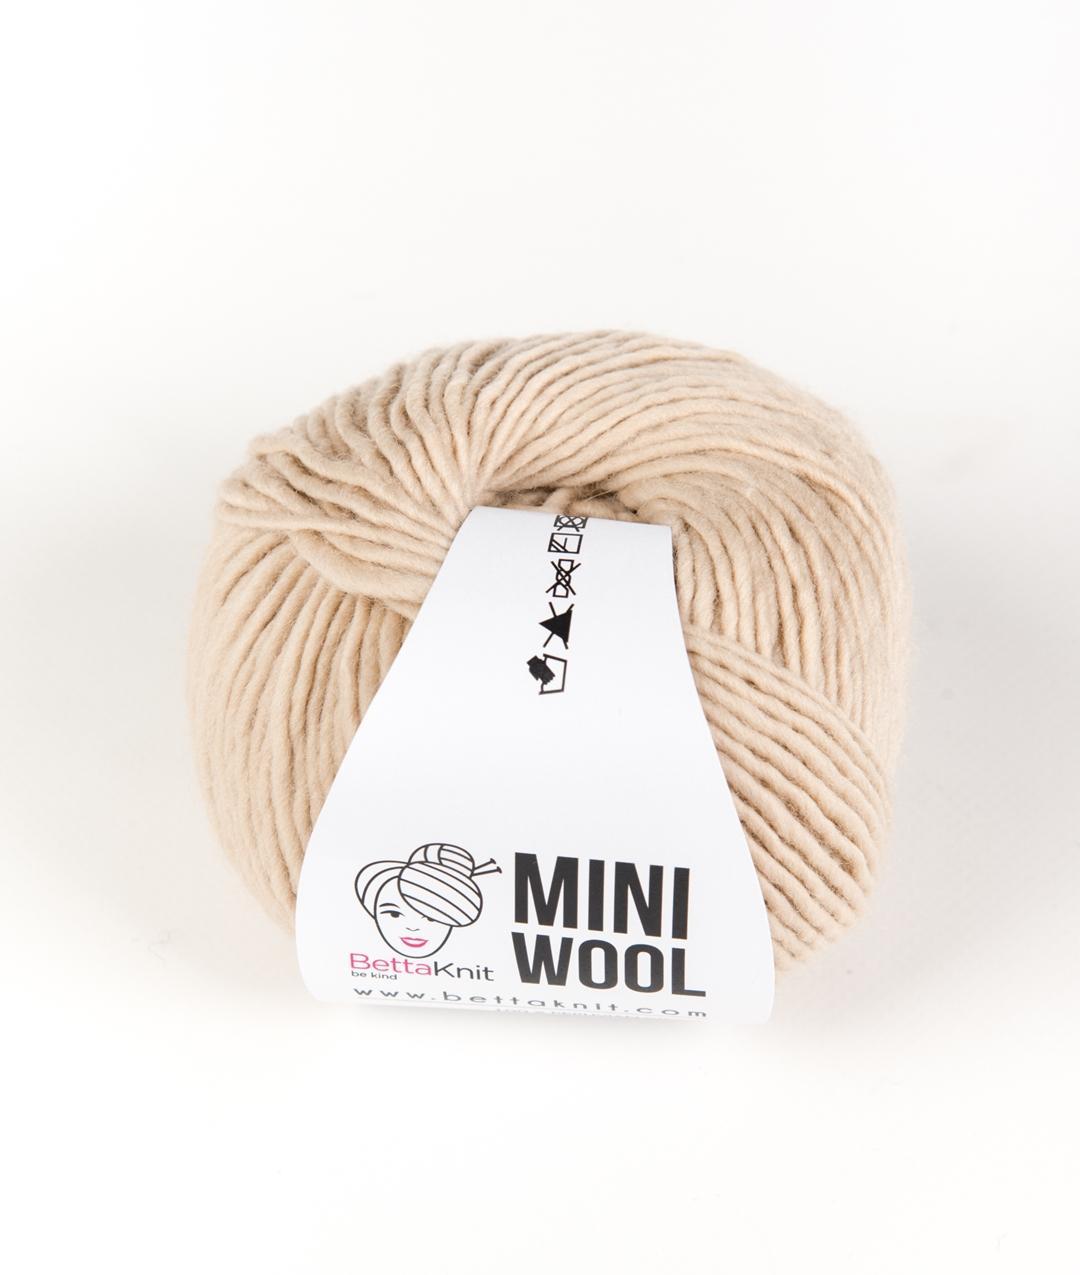 Confezioni di filato - Filati - Mini Wool Pack - 15 gomitoli - 1